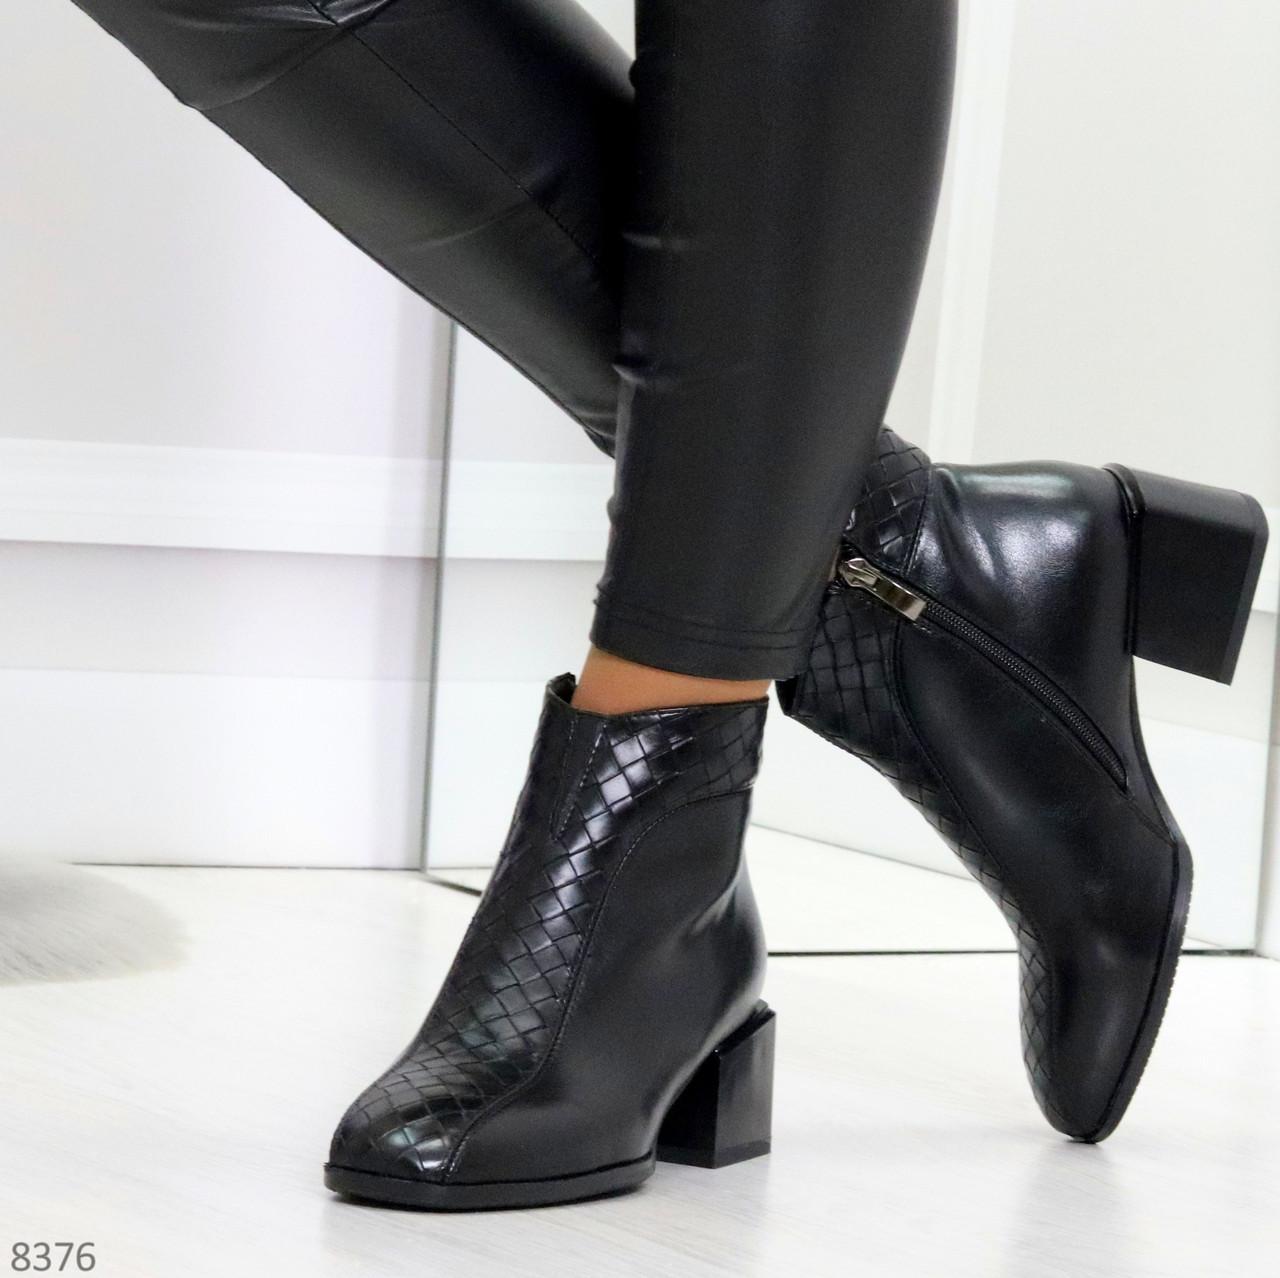 Дизайнерские черные демисезонные ботинки ботильоны на удобном каблуке